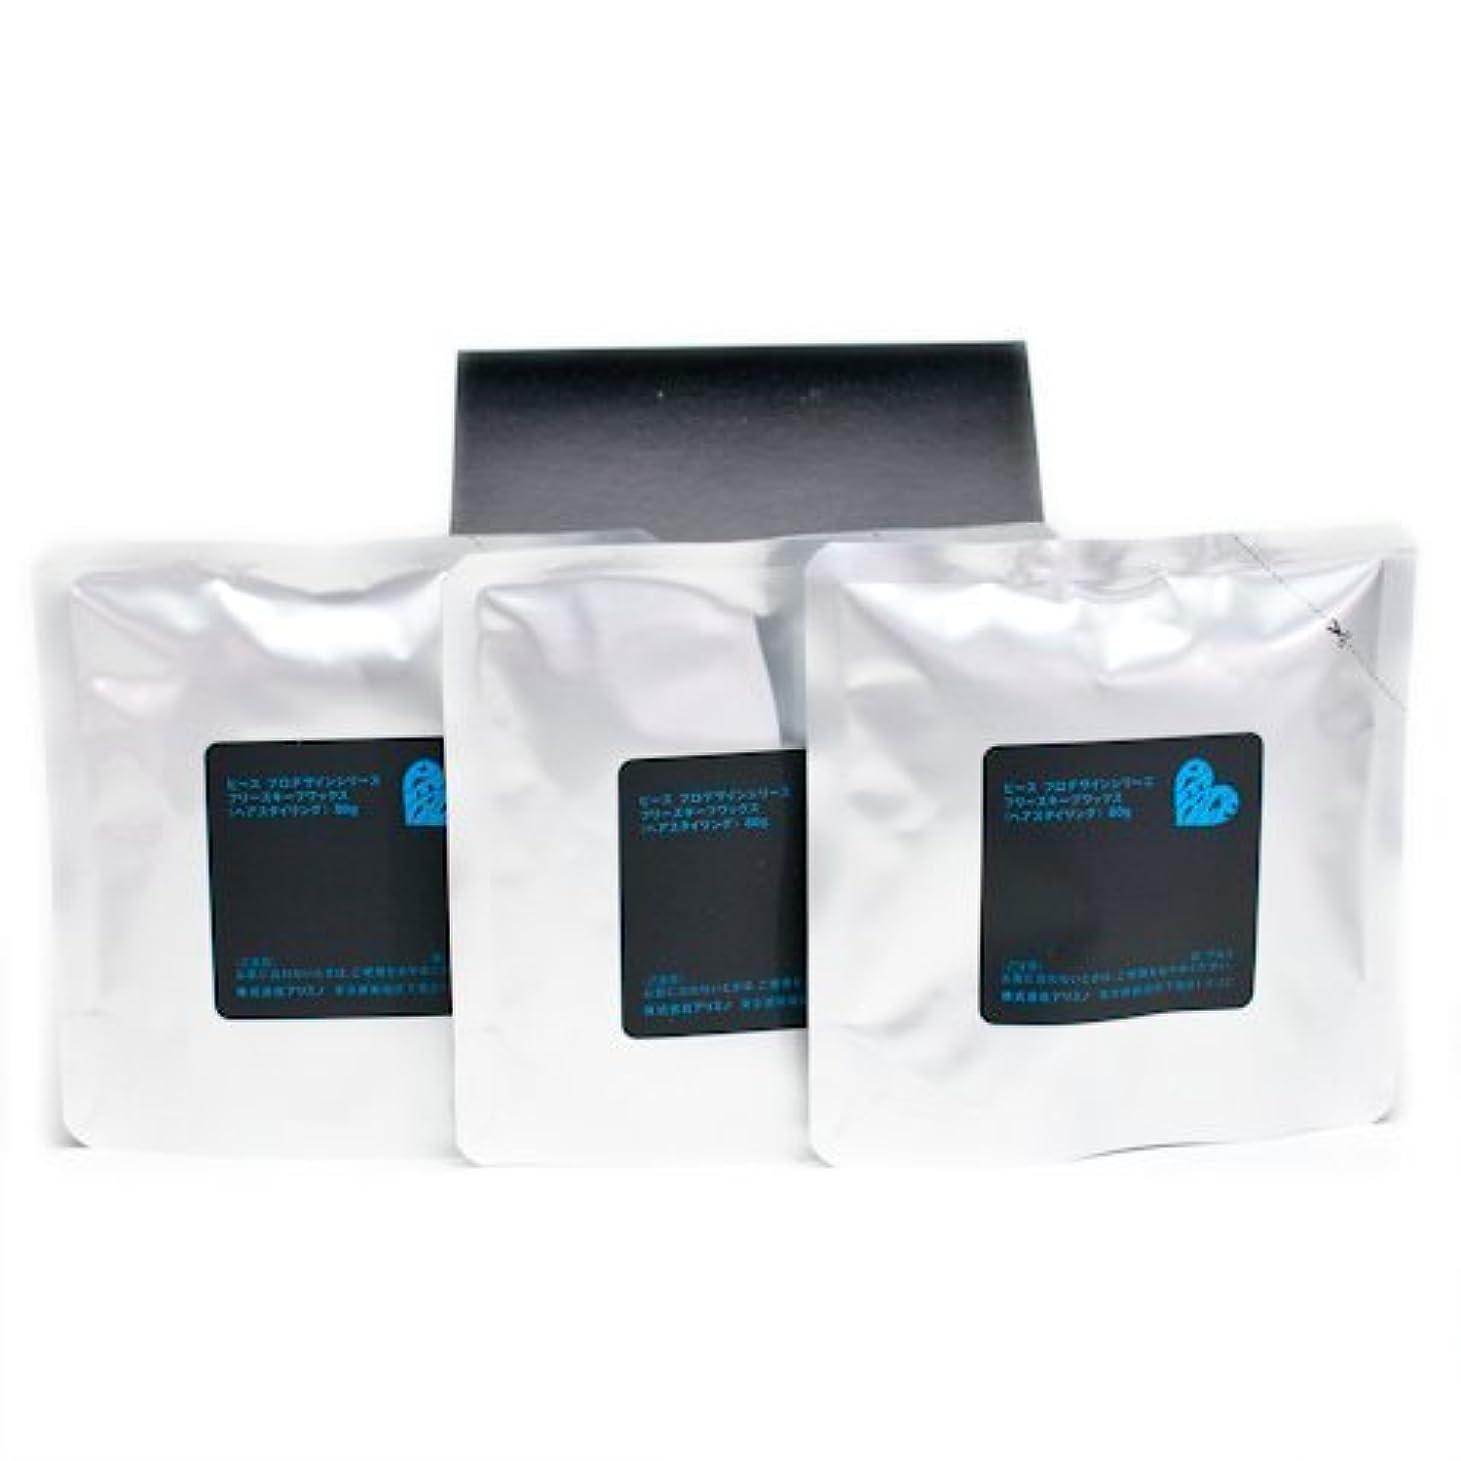 症状印をつける交換可能アリミノ ピース フリーズキープワックス (ブラック)80g(業務?詰替用)×3個入り